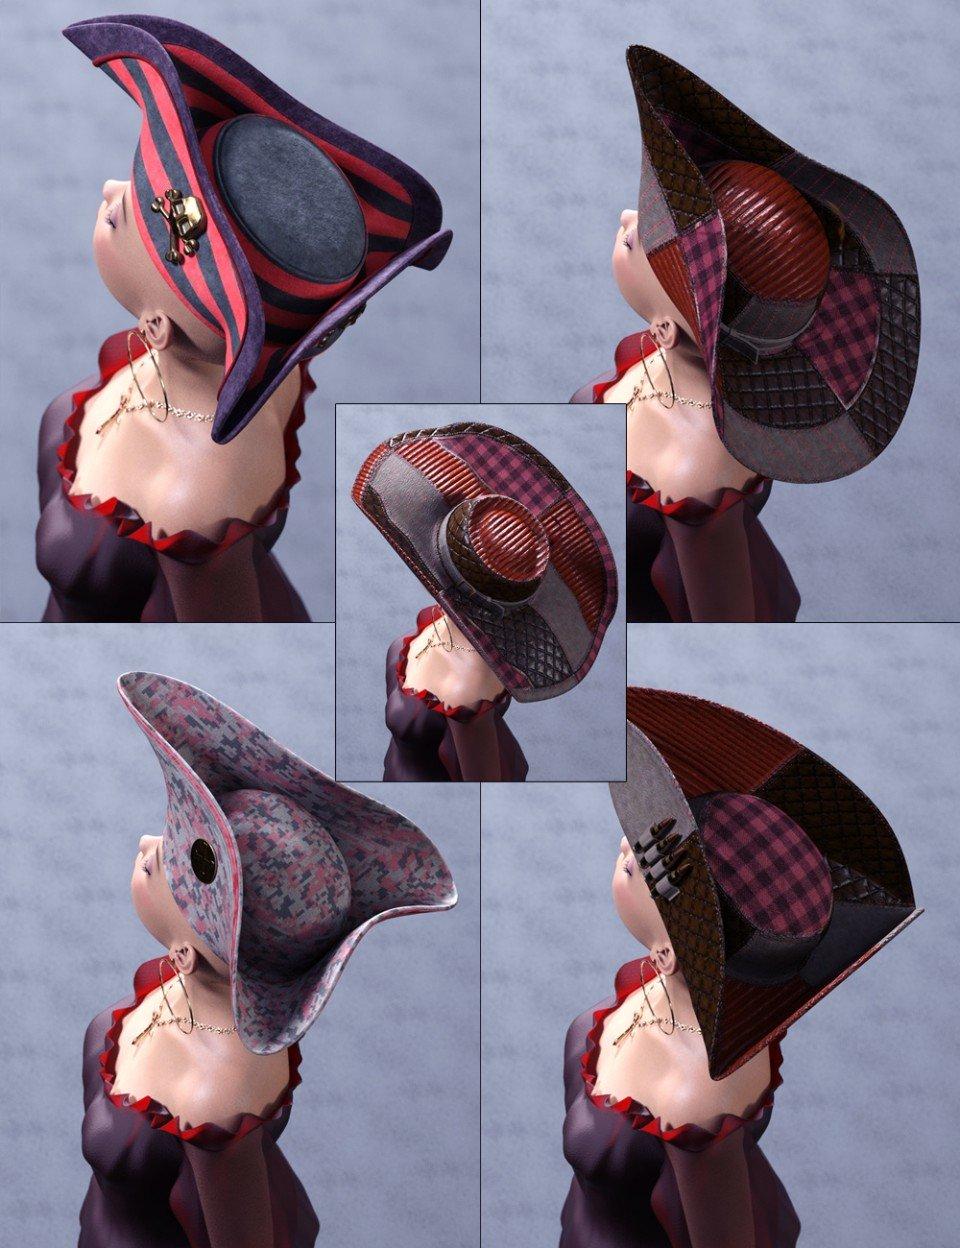 Steam Punk Arrr Pirate Hats_DAZ3D下载站